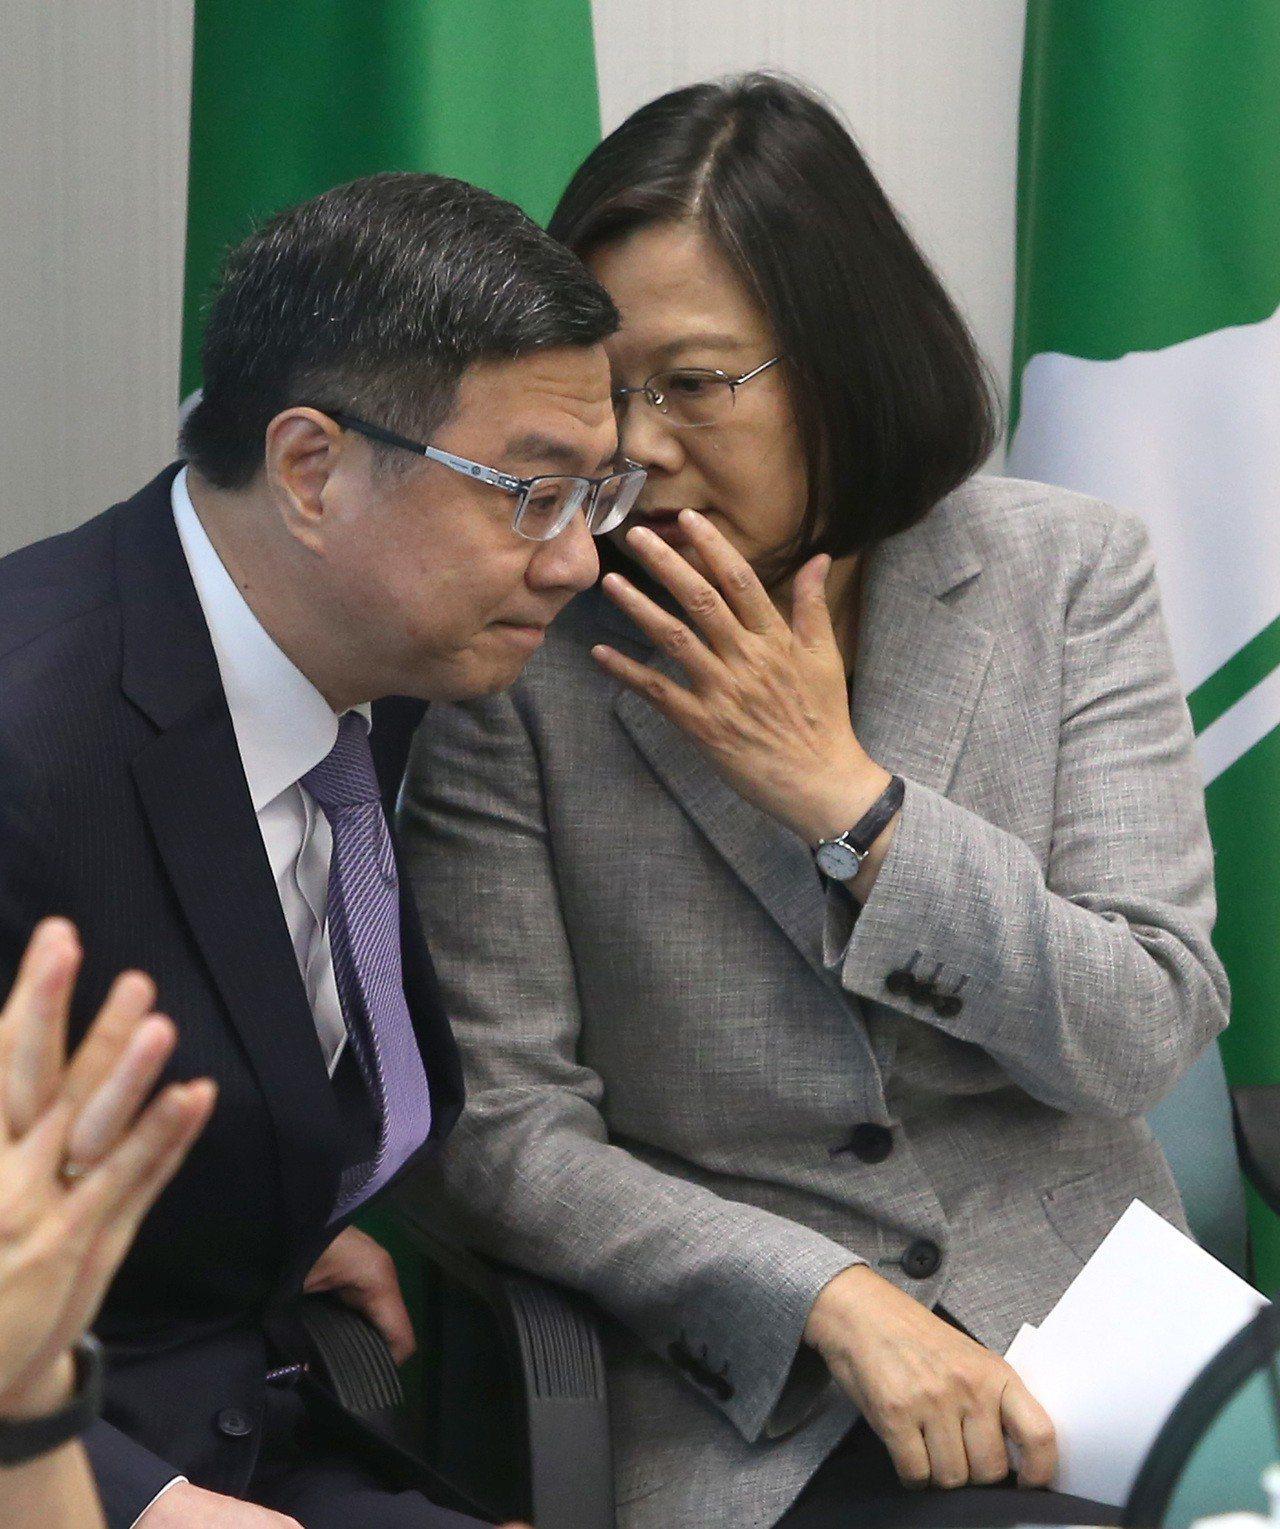 民進黨主席卓榮泰(左)說民進黨不會惡意攻擊柯文哲,蔡英文總統今天受訪表示柯文哲還...